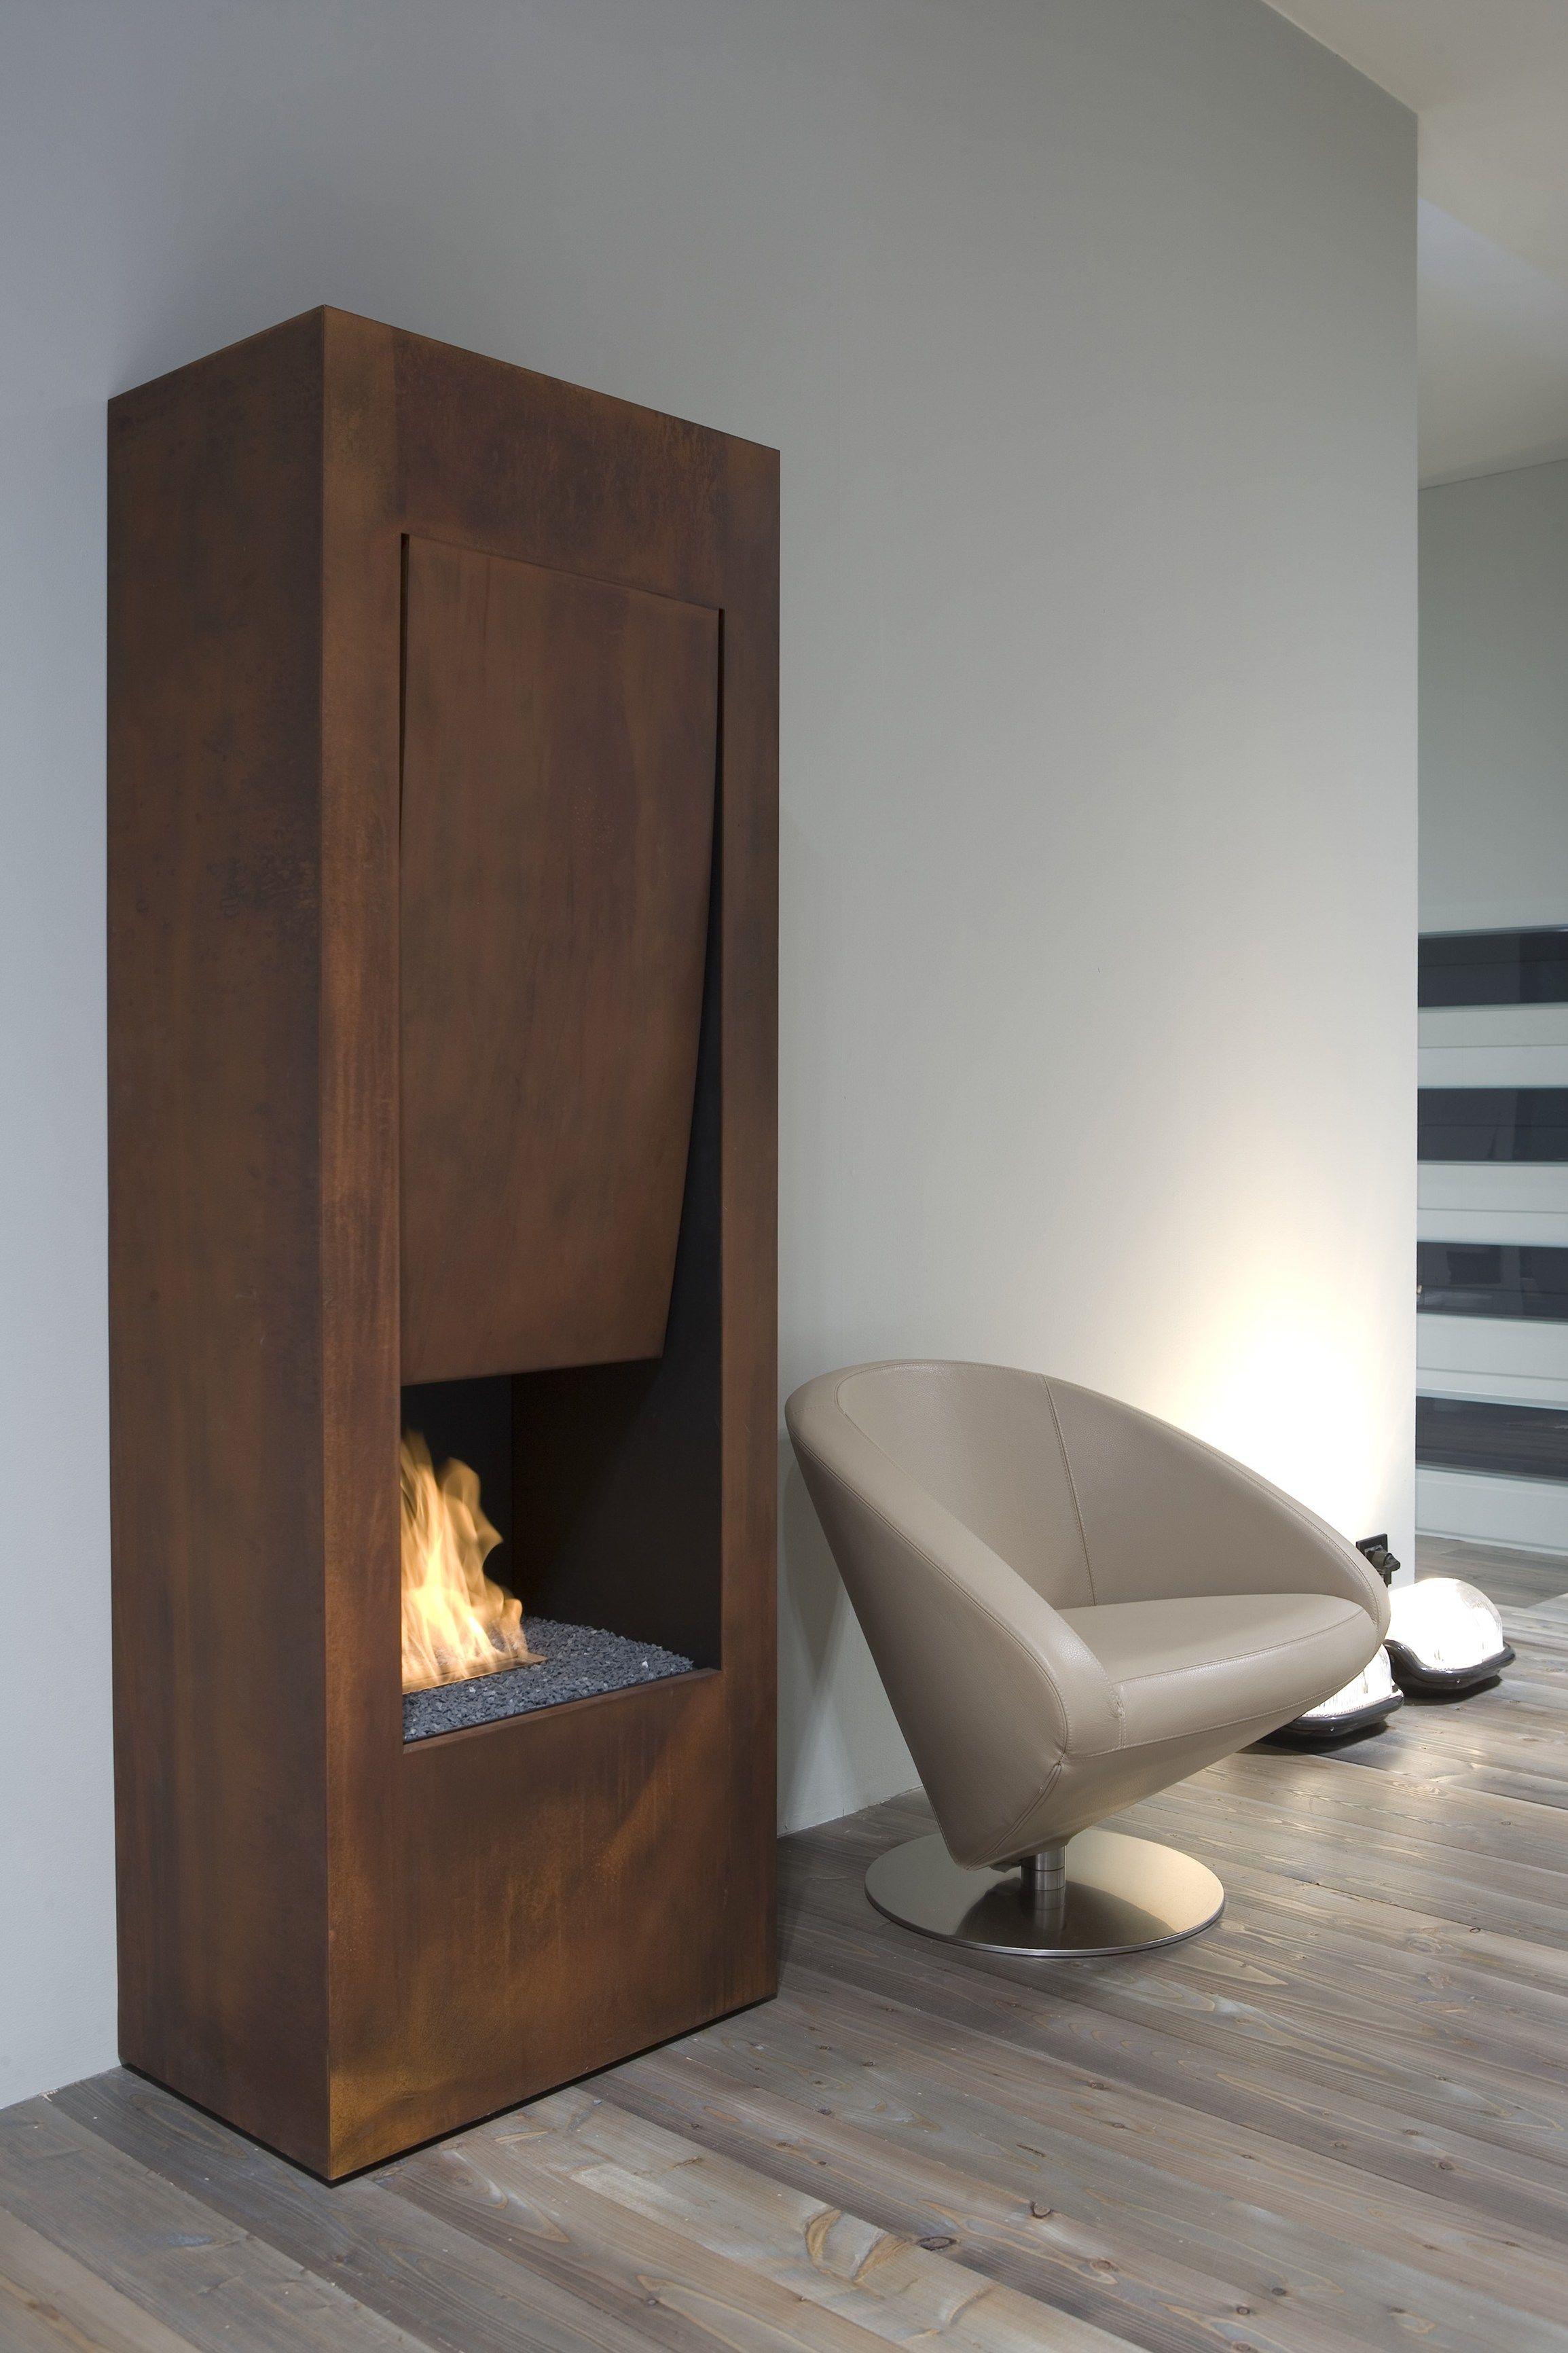 Steel boiler fireplace il canto del fuoco by antonio lupi design